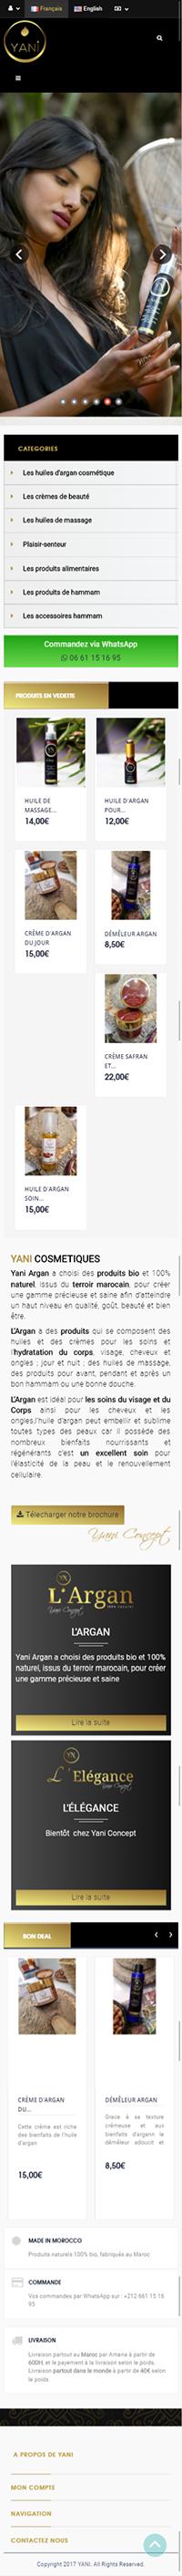 Yani Concept